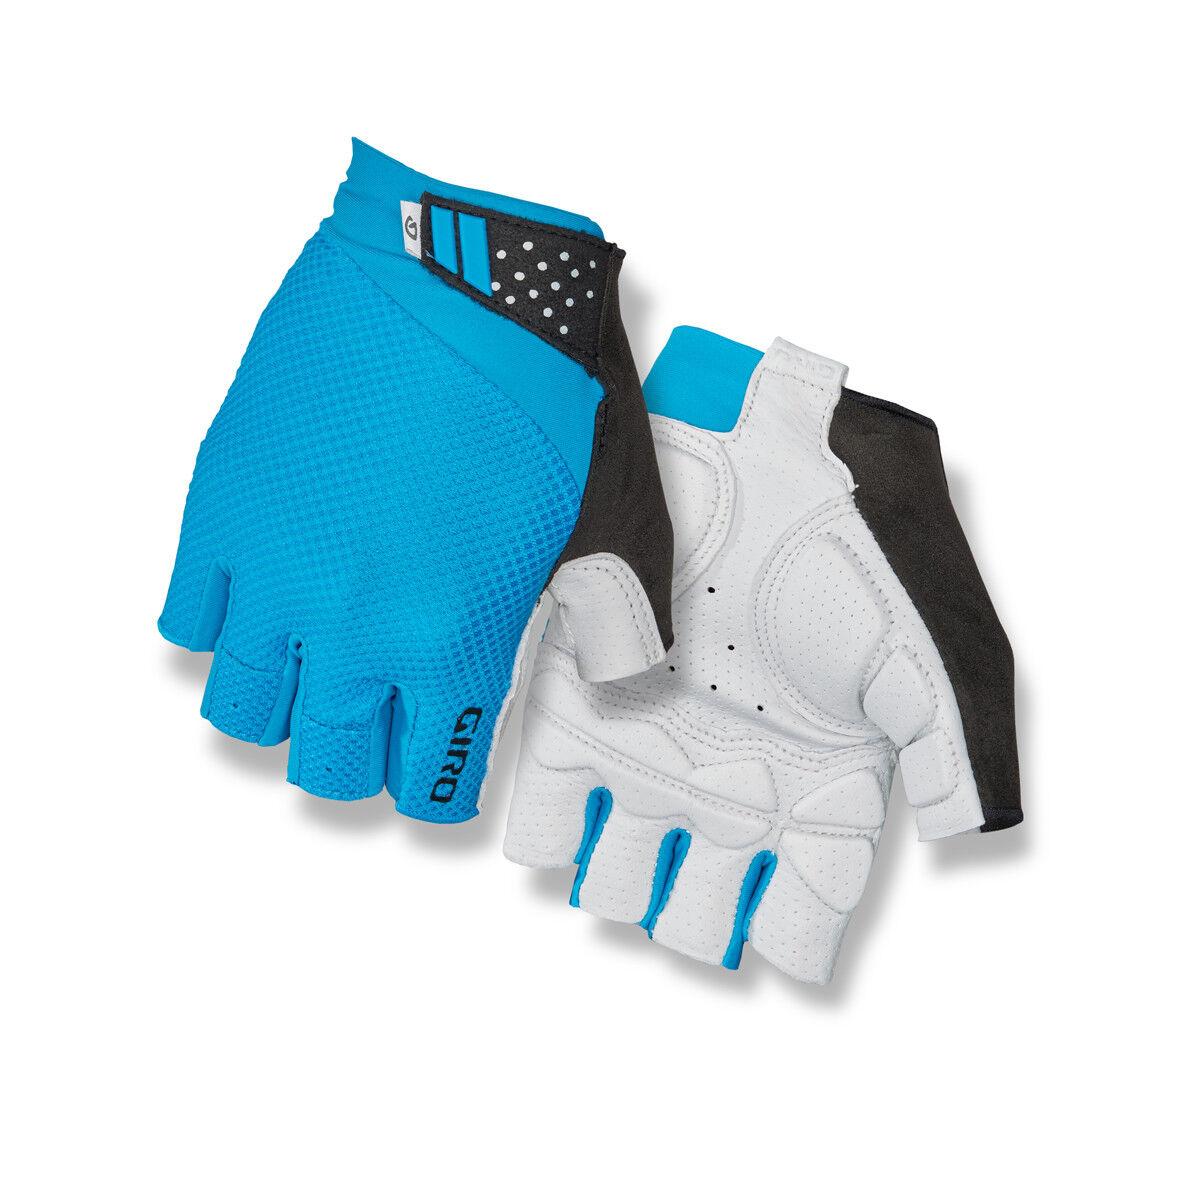 Giro Monaco II Gel Fahrrad Handschuhe kurz blau 2018